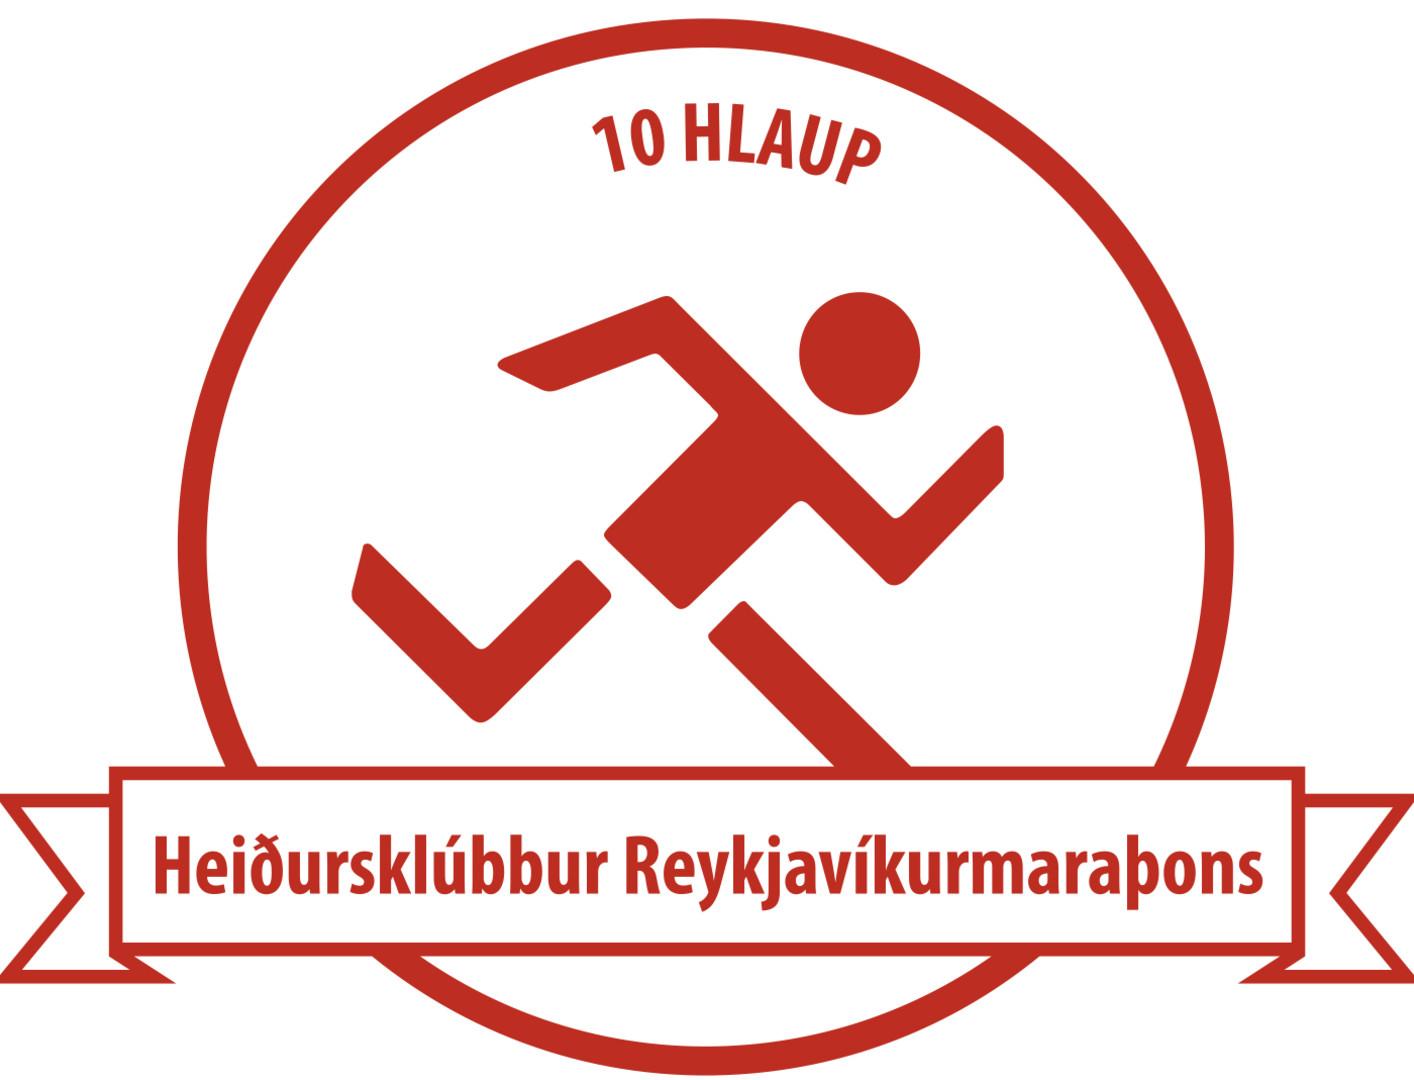 Merki Heiðursklúbbs Reykjavíkurmaraþons